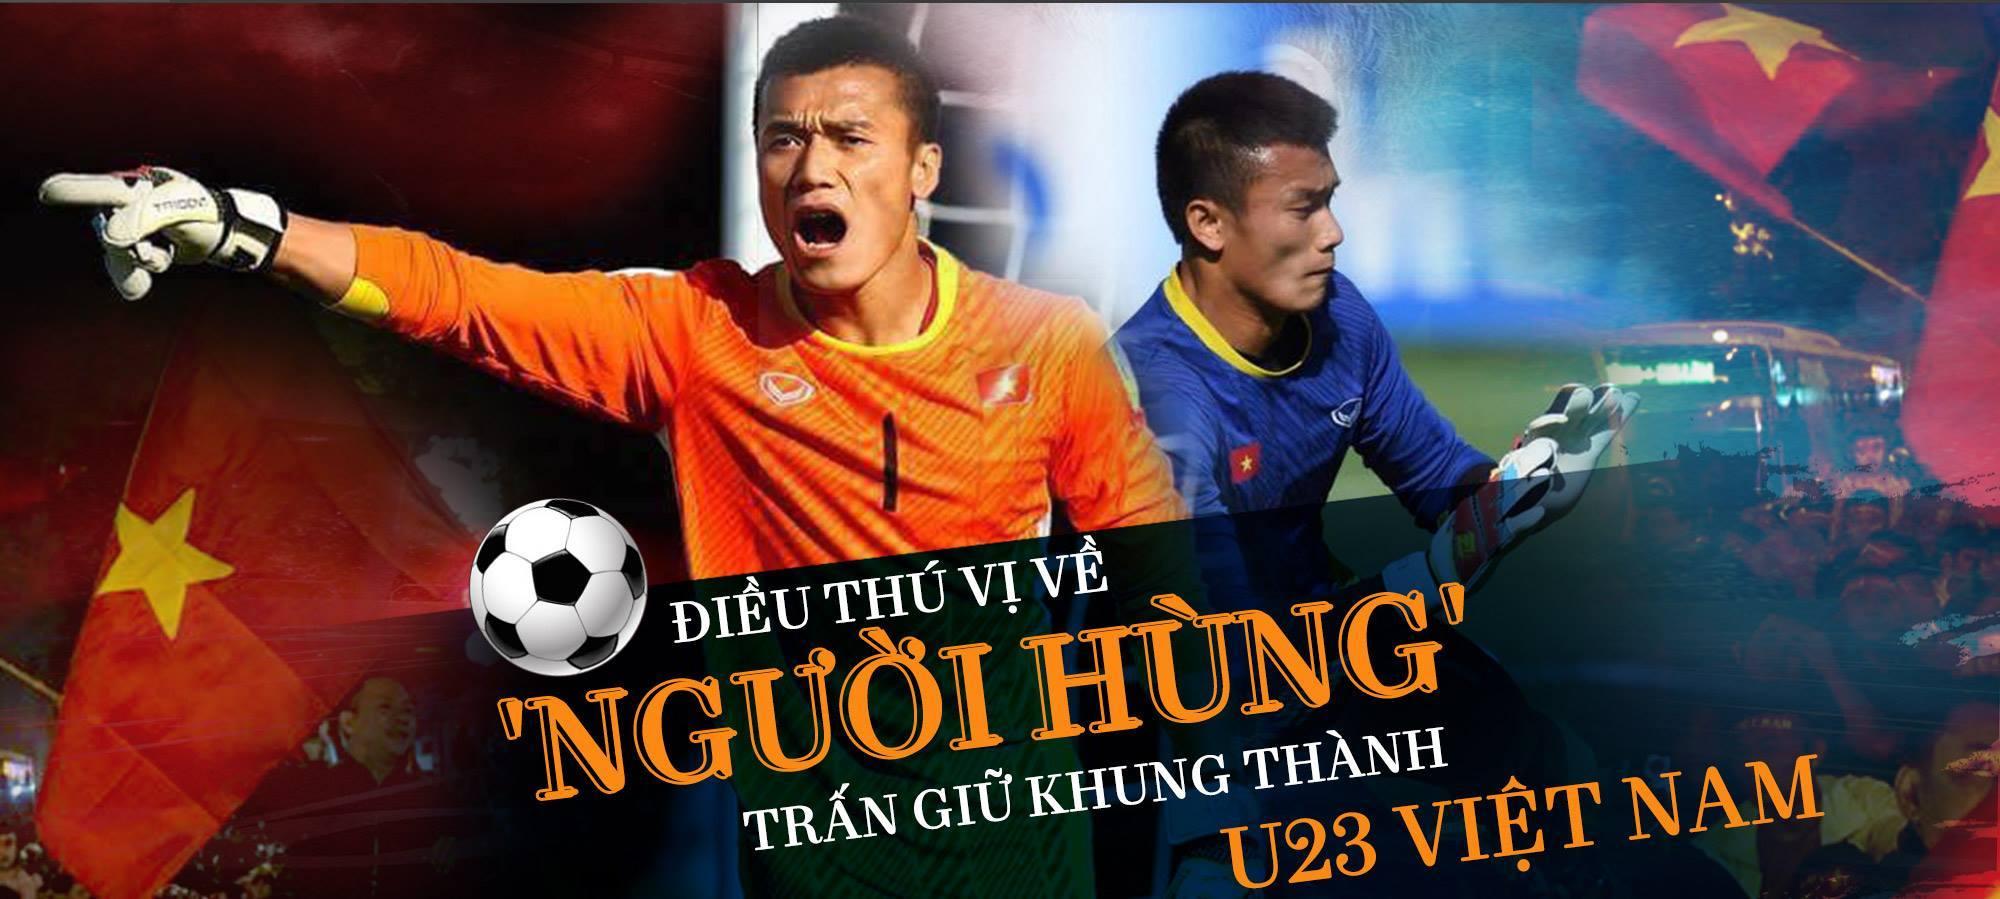 Bùi Tiến Dũng,U23 Việt Nam,Thủ môn Bùi Tiến Dũng